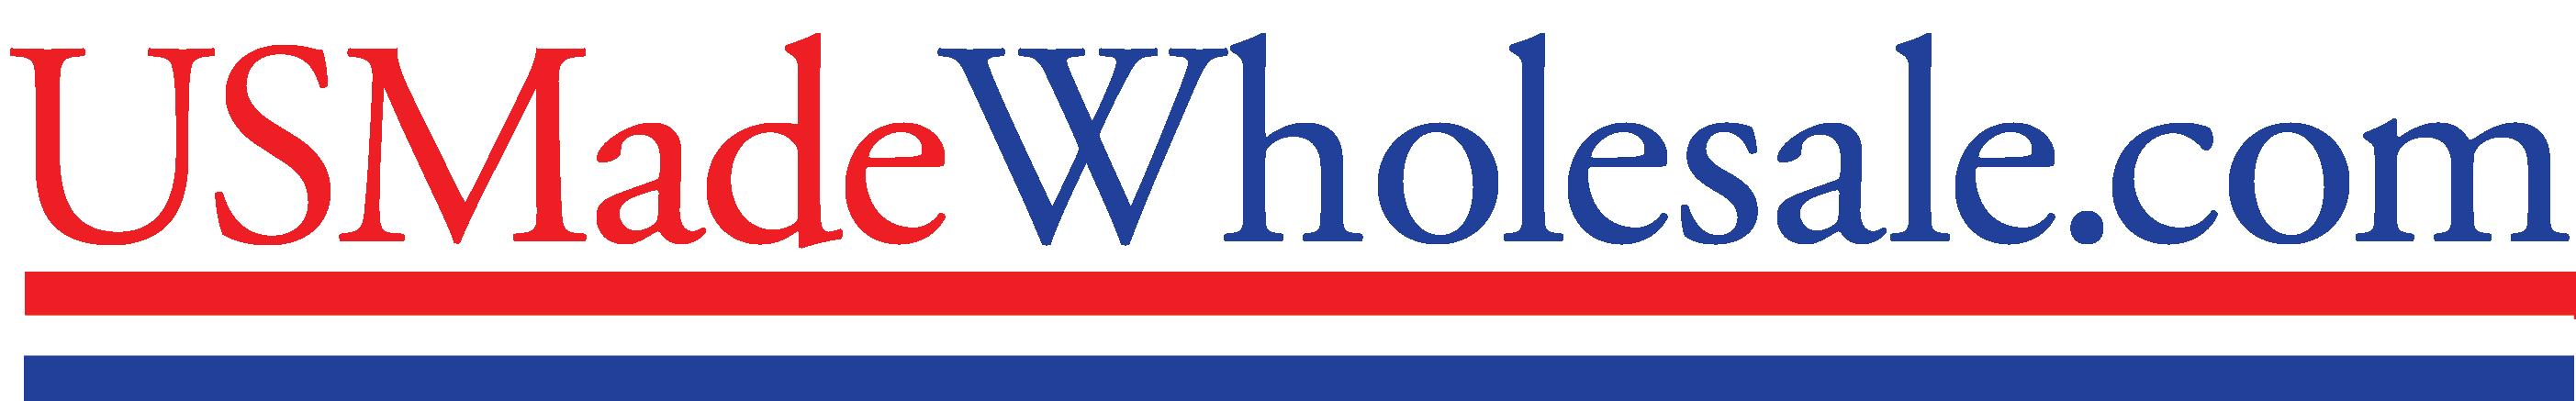 USMadeWholesale.com Logo